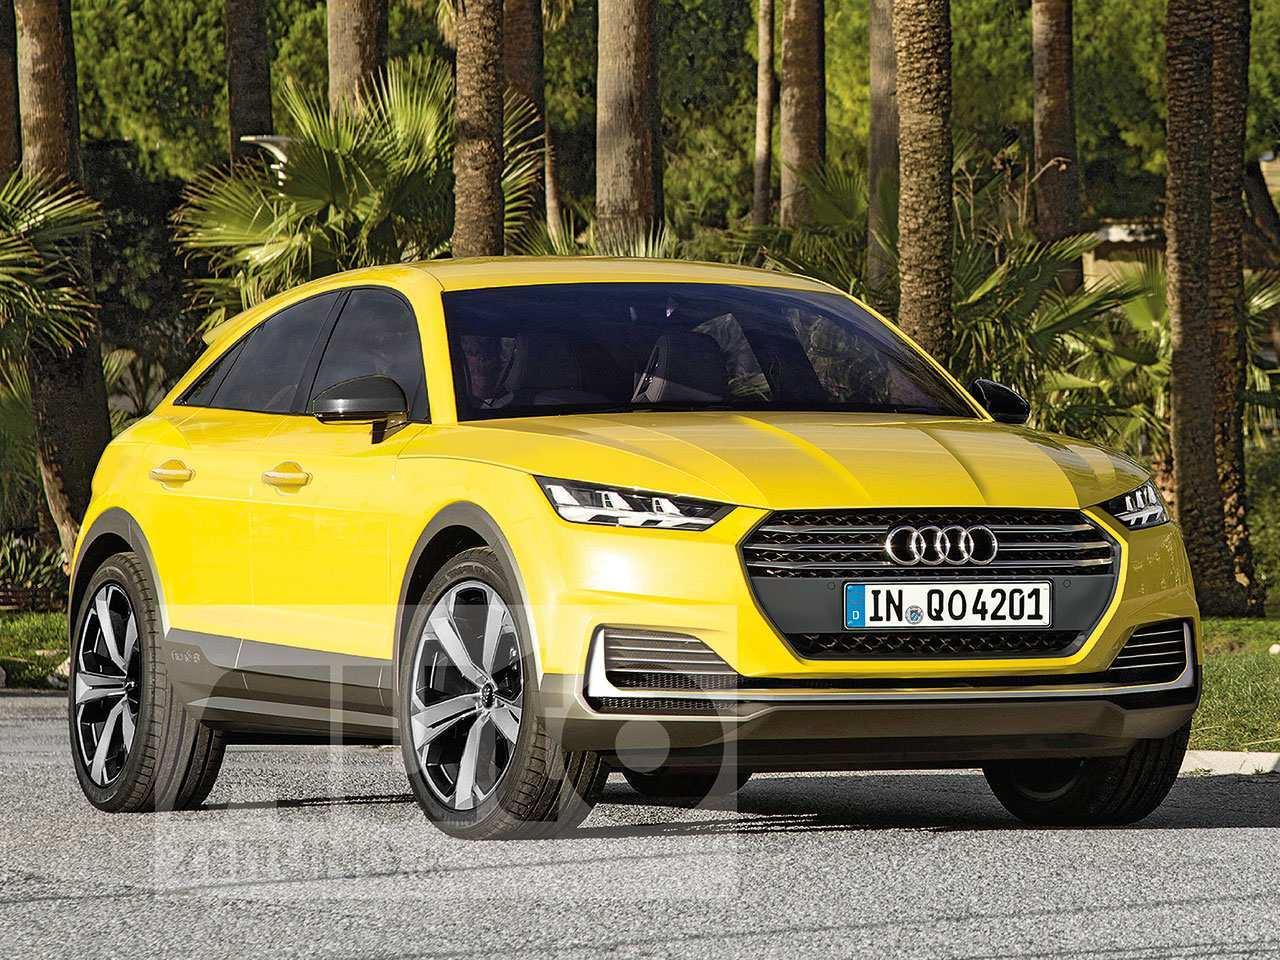 79 The Audi Neuheiten Bis 2020 Pricing for Audi Neuheiten Bis 2020